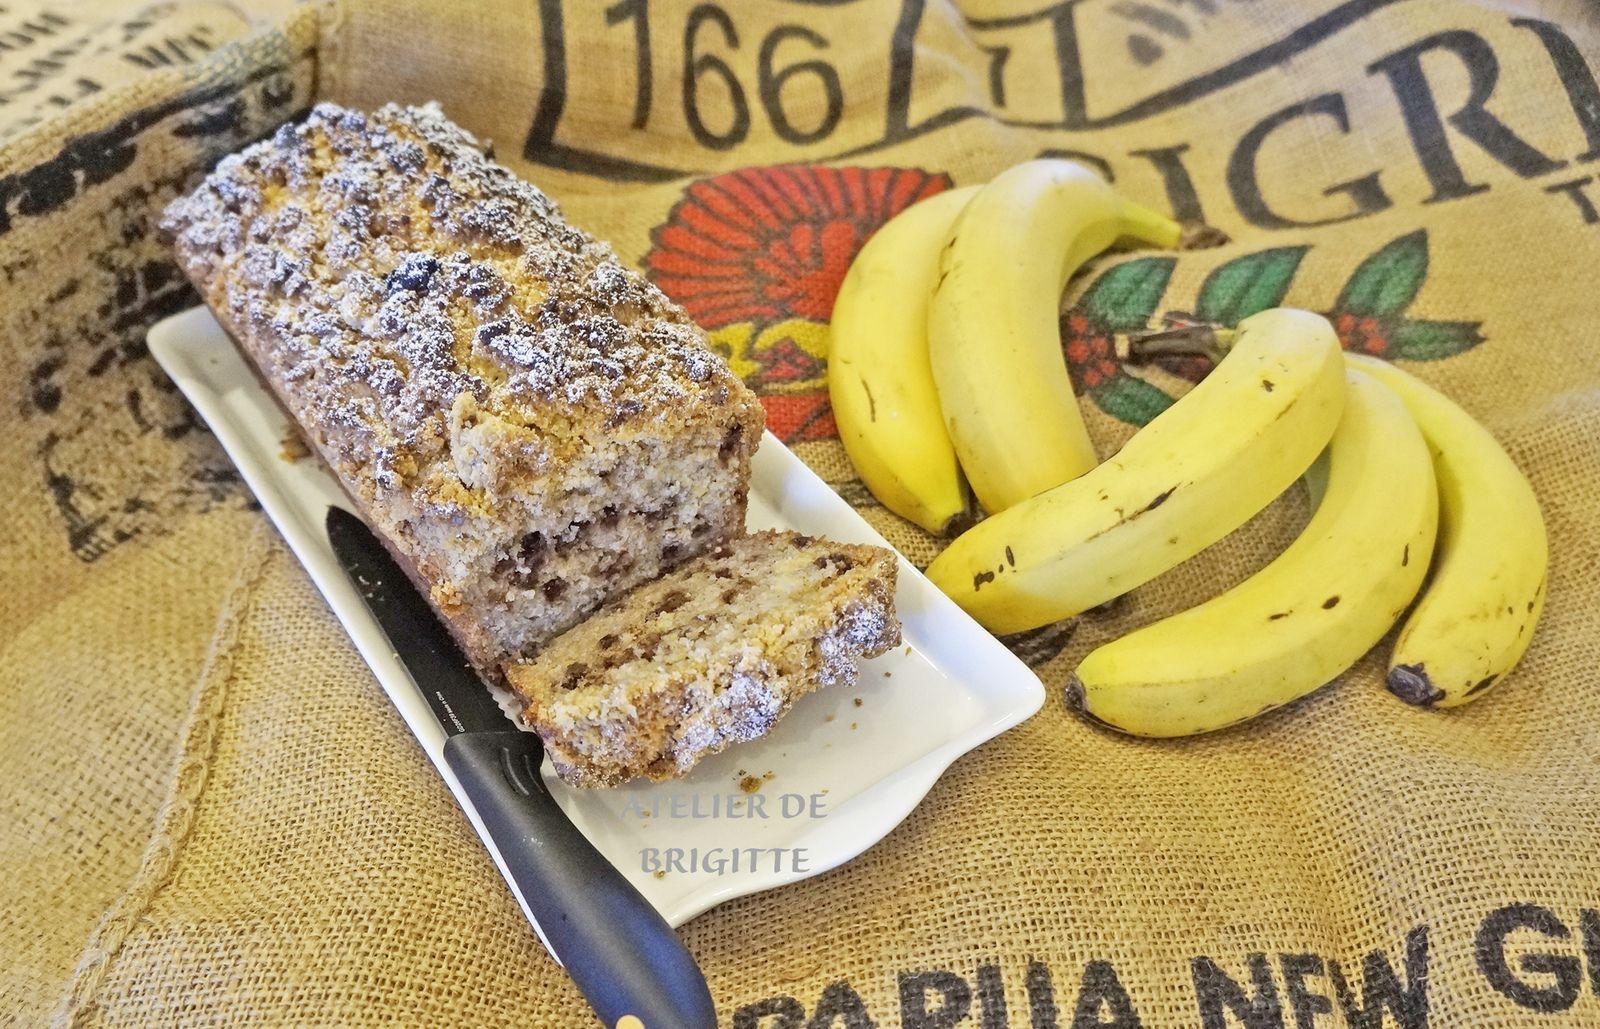 recette de chef, dessert, cake, bananes, chocolat, confinement, restezàlamaison, recette facile, goûter